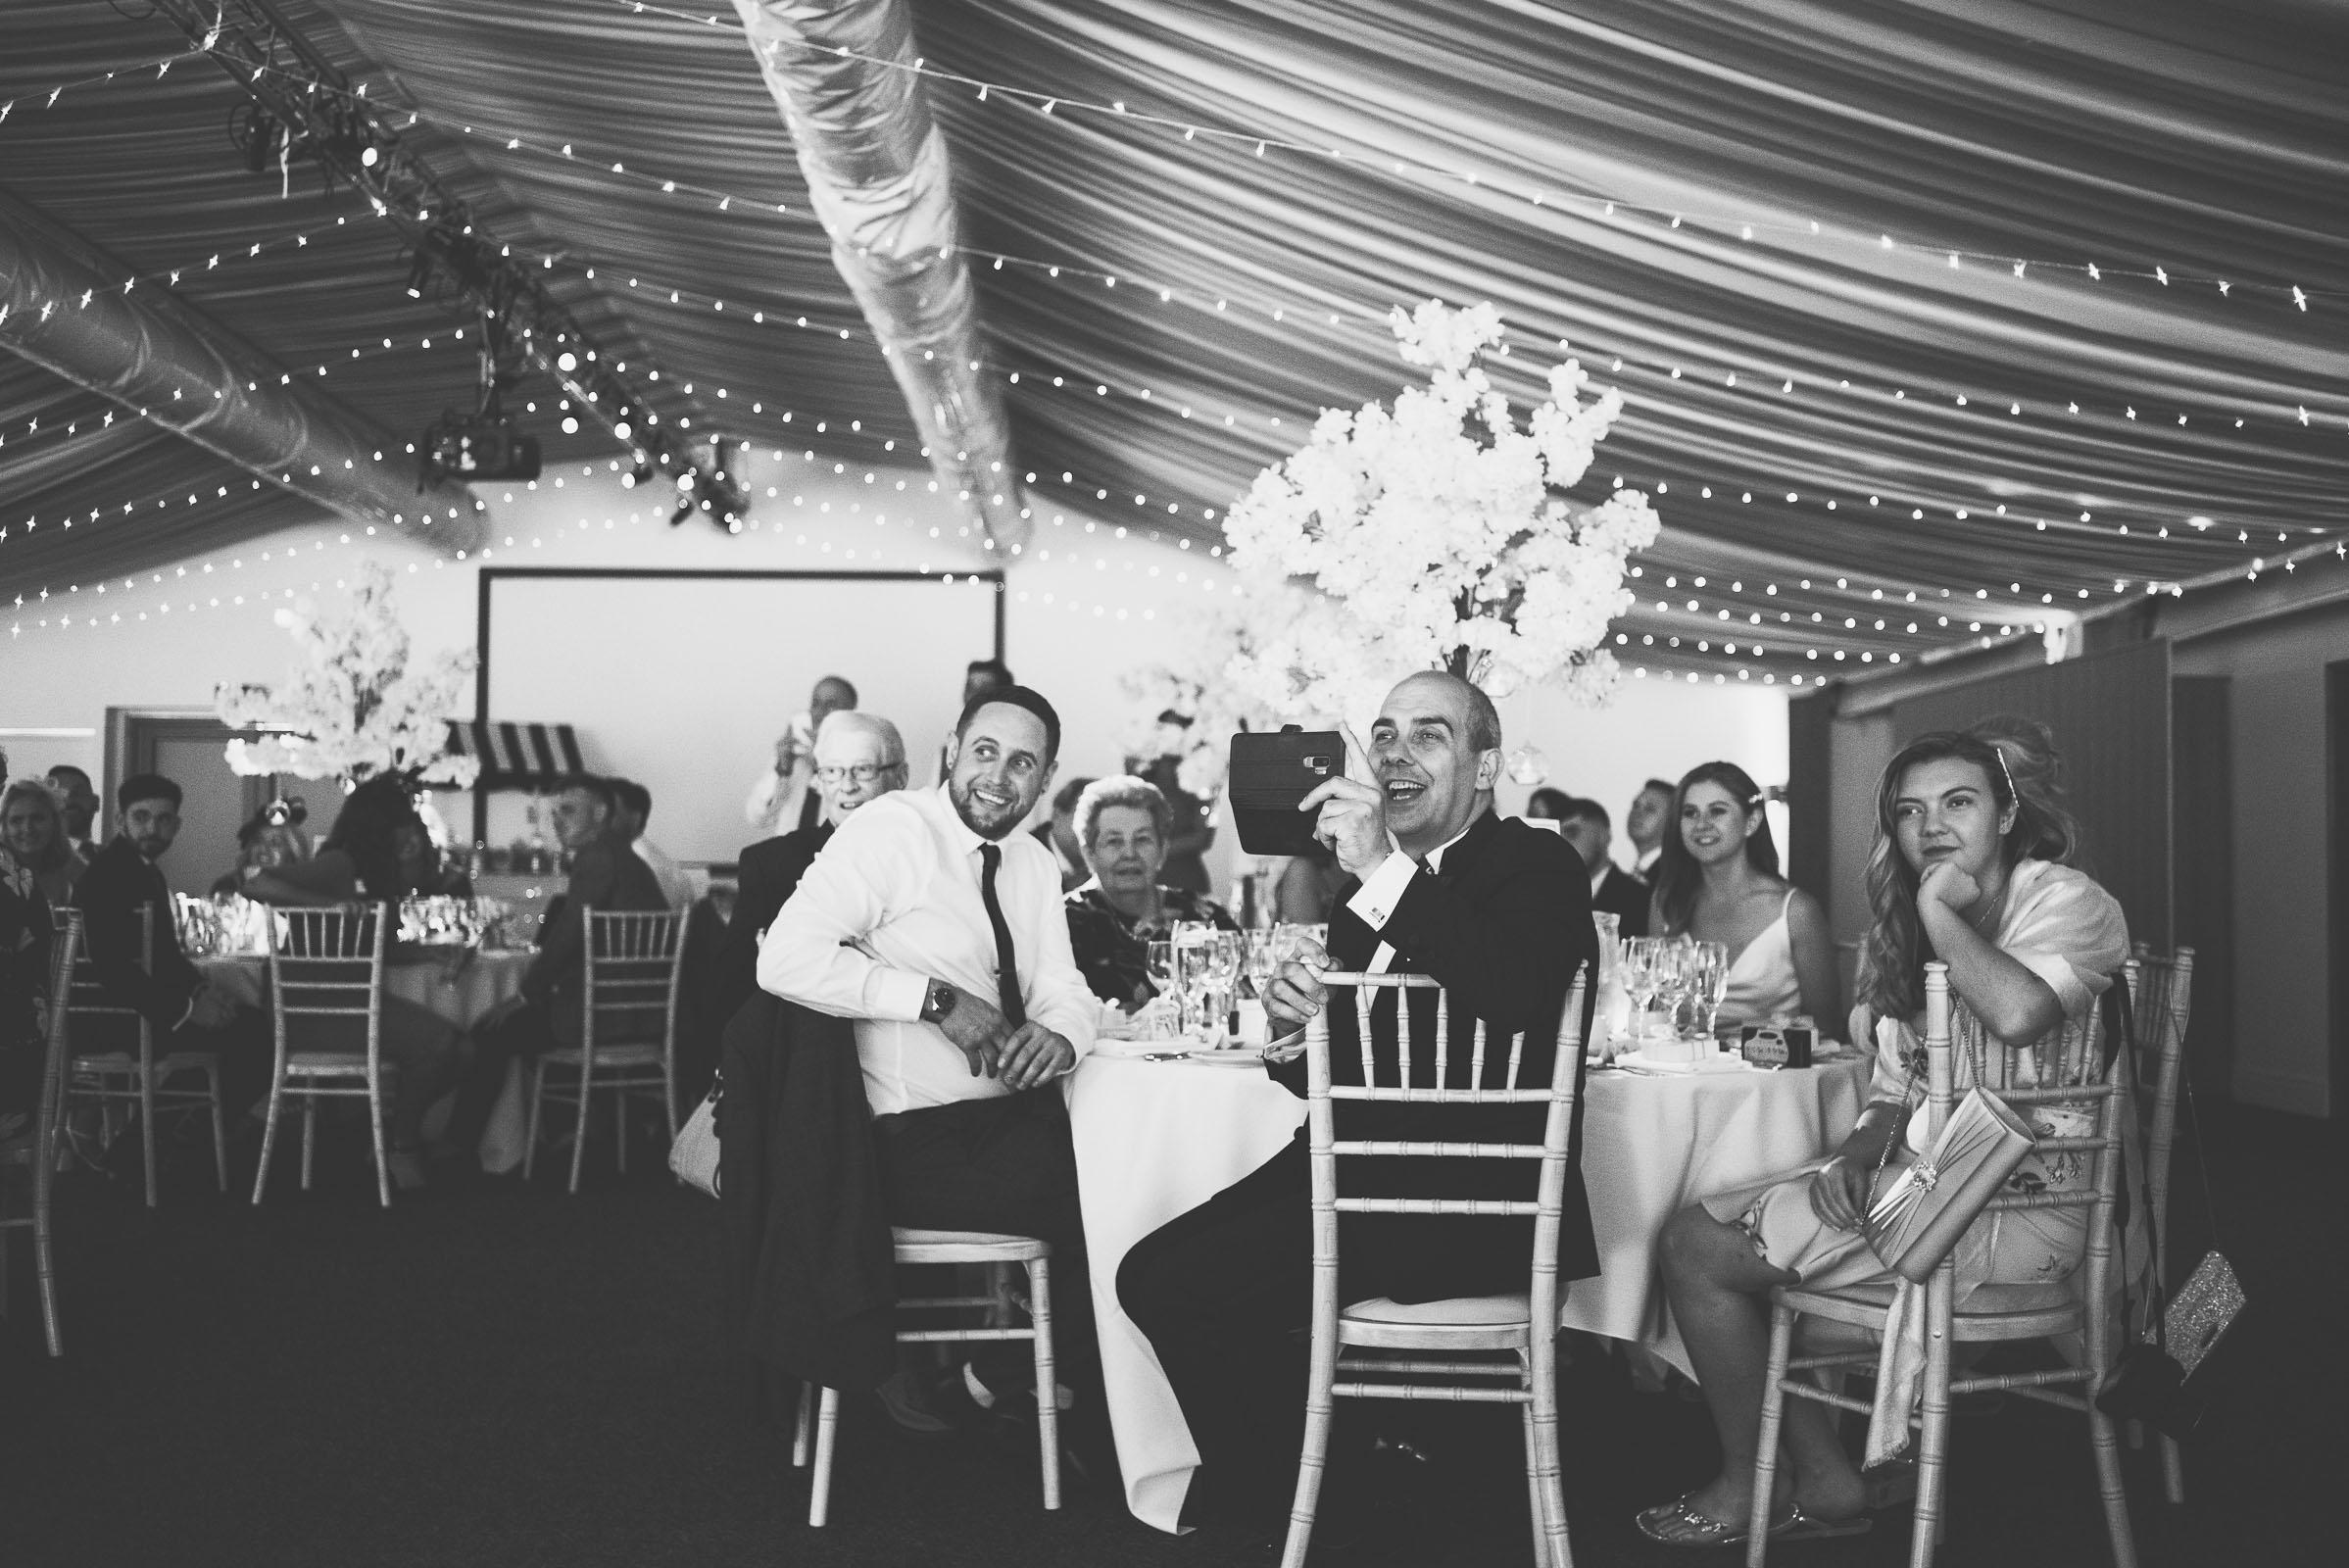 Lutonhoo-wedding-Bedfordshire-Datchworth-Tewinburyfarm-65.jpg